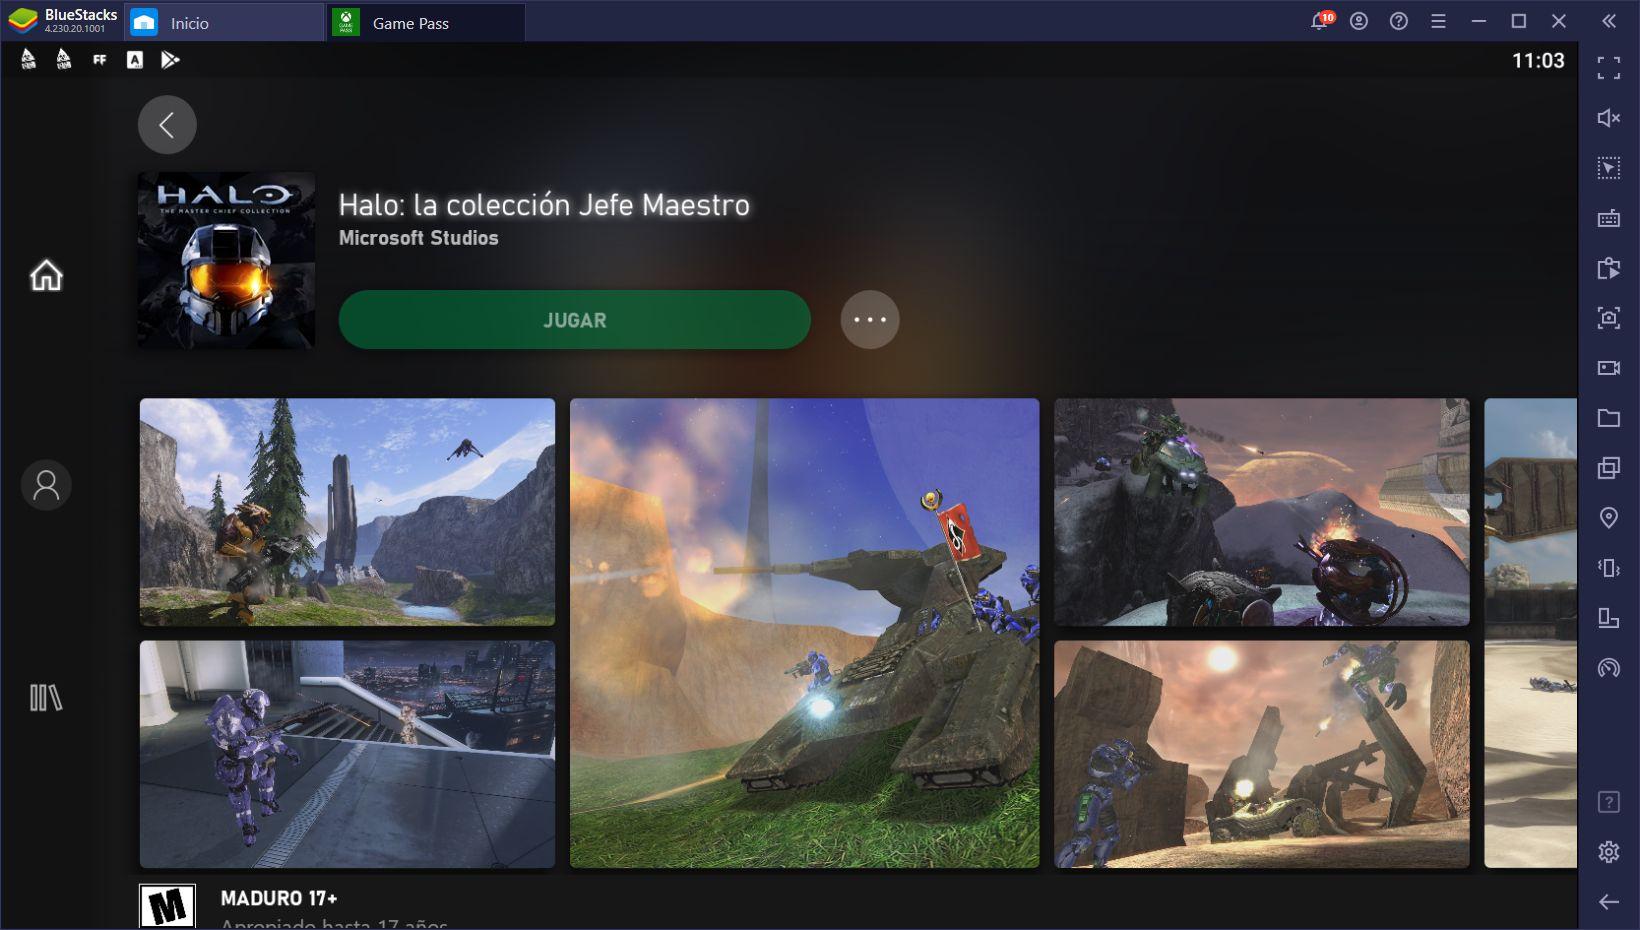 Lanzamiento Global de Project xCloud – Juega tus Juegos Favoritos de Xbox en tu Dispositivo Android